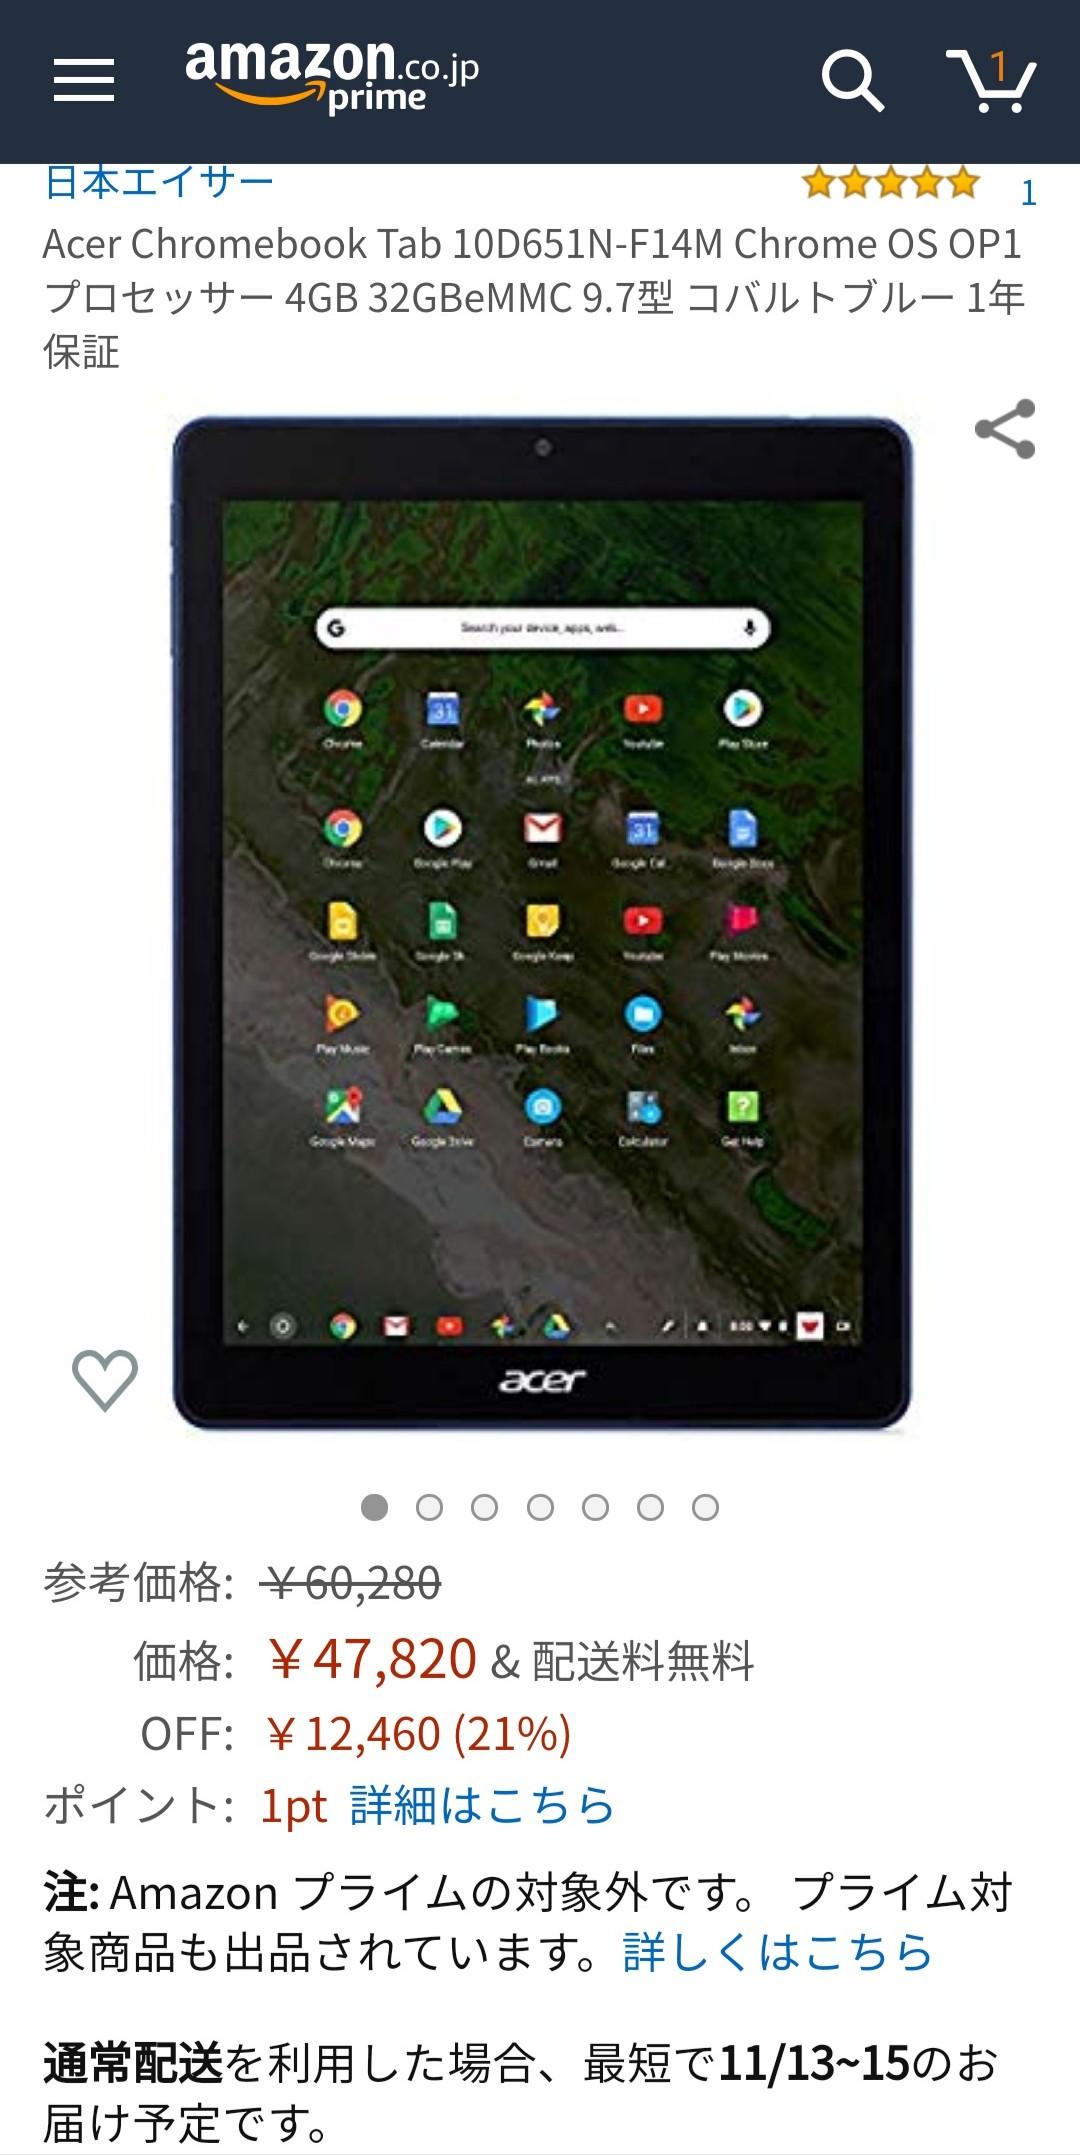 授業や校務で使える「Acer Chromebook Tab 10」がAmazonで27%off!